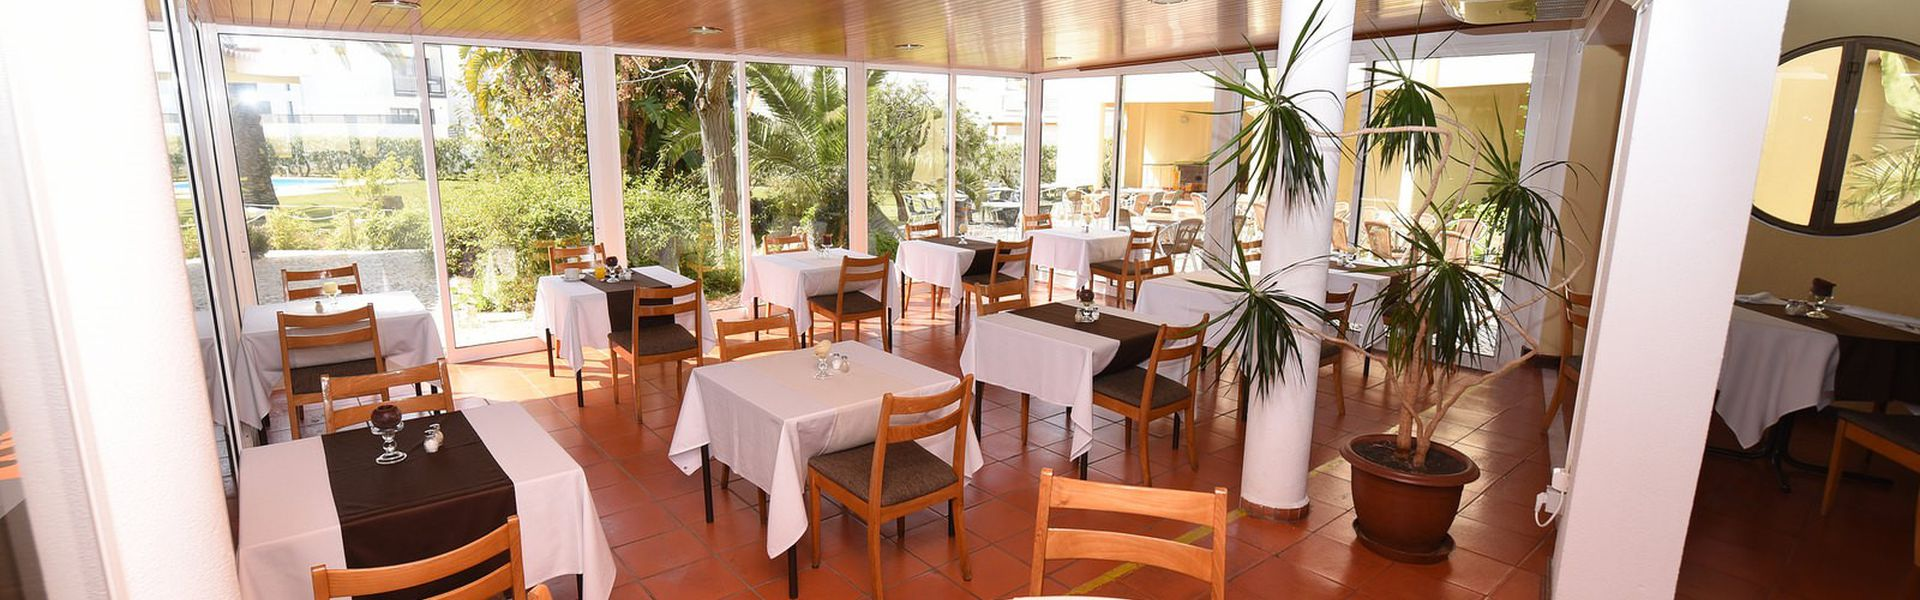 Restaurante - Contabilidade em Guarulhos - SP | Aliança Contabilidade - Bares e Restaurantes | Como economizar com impostos